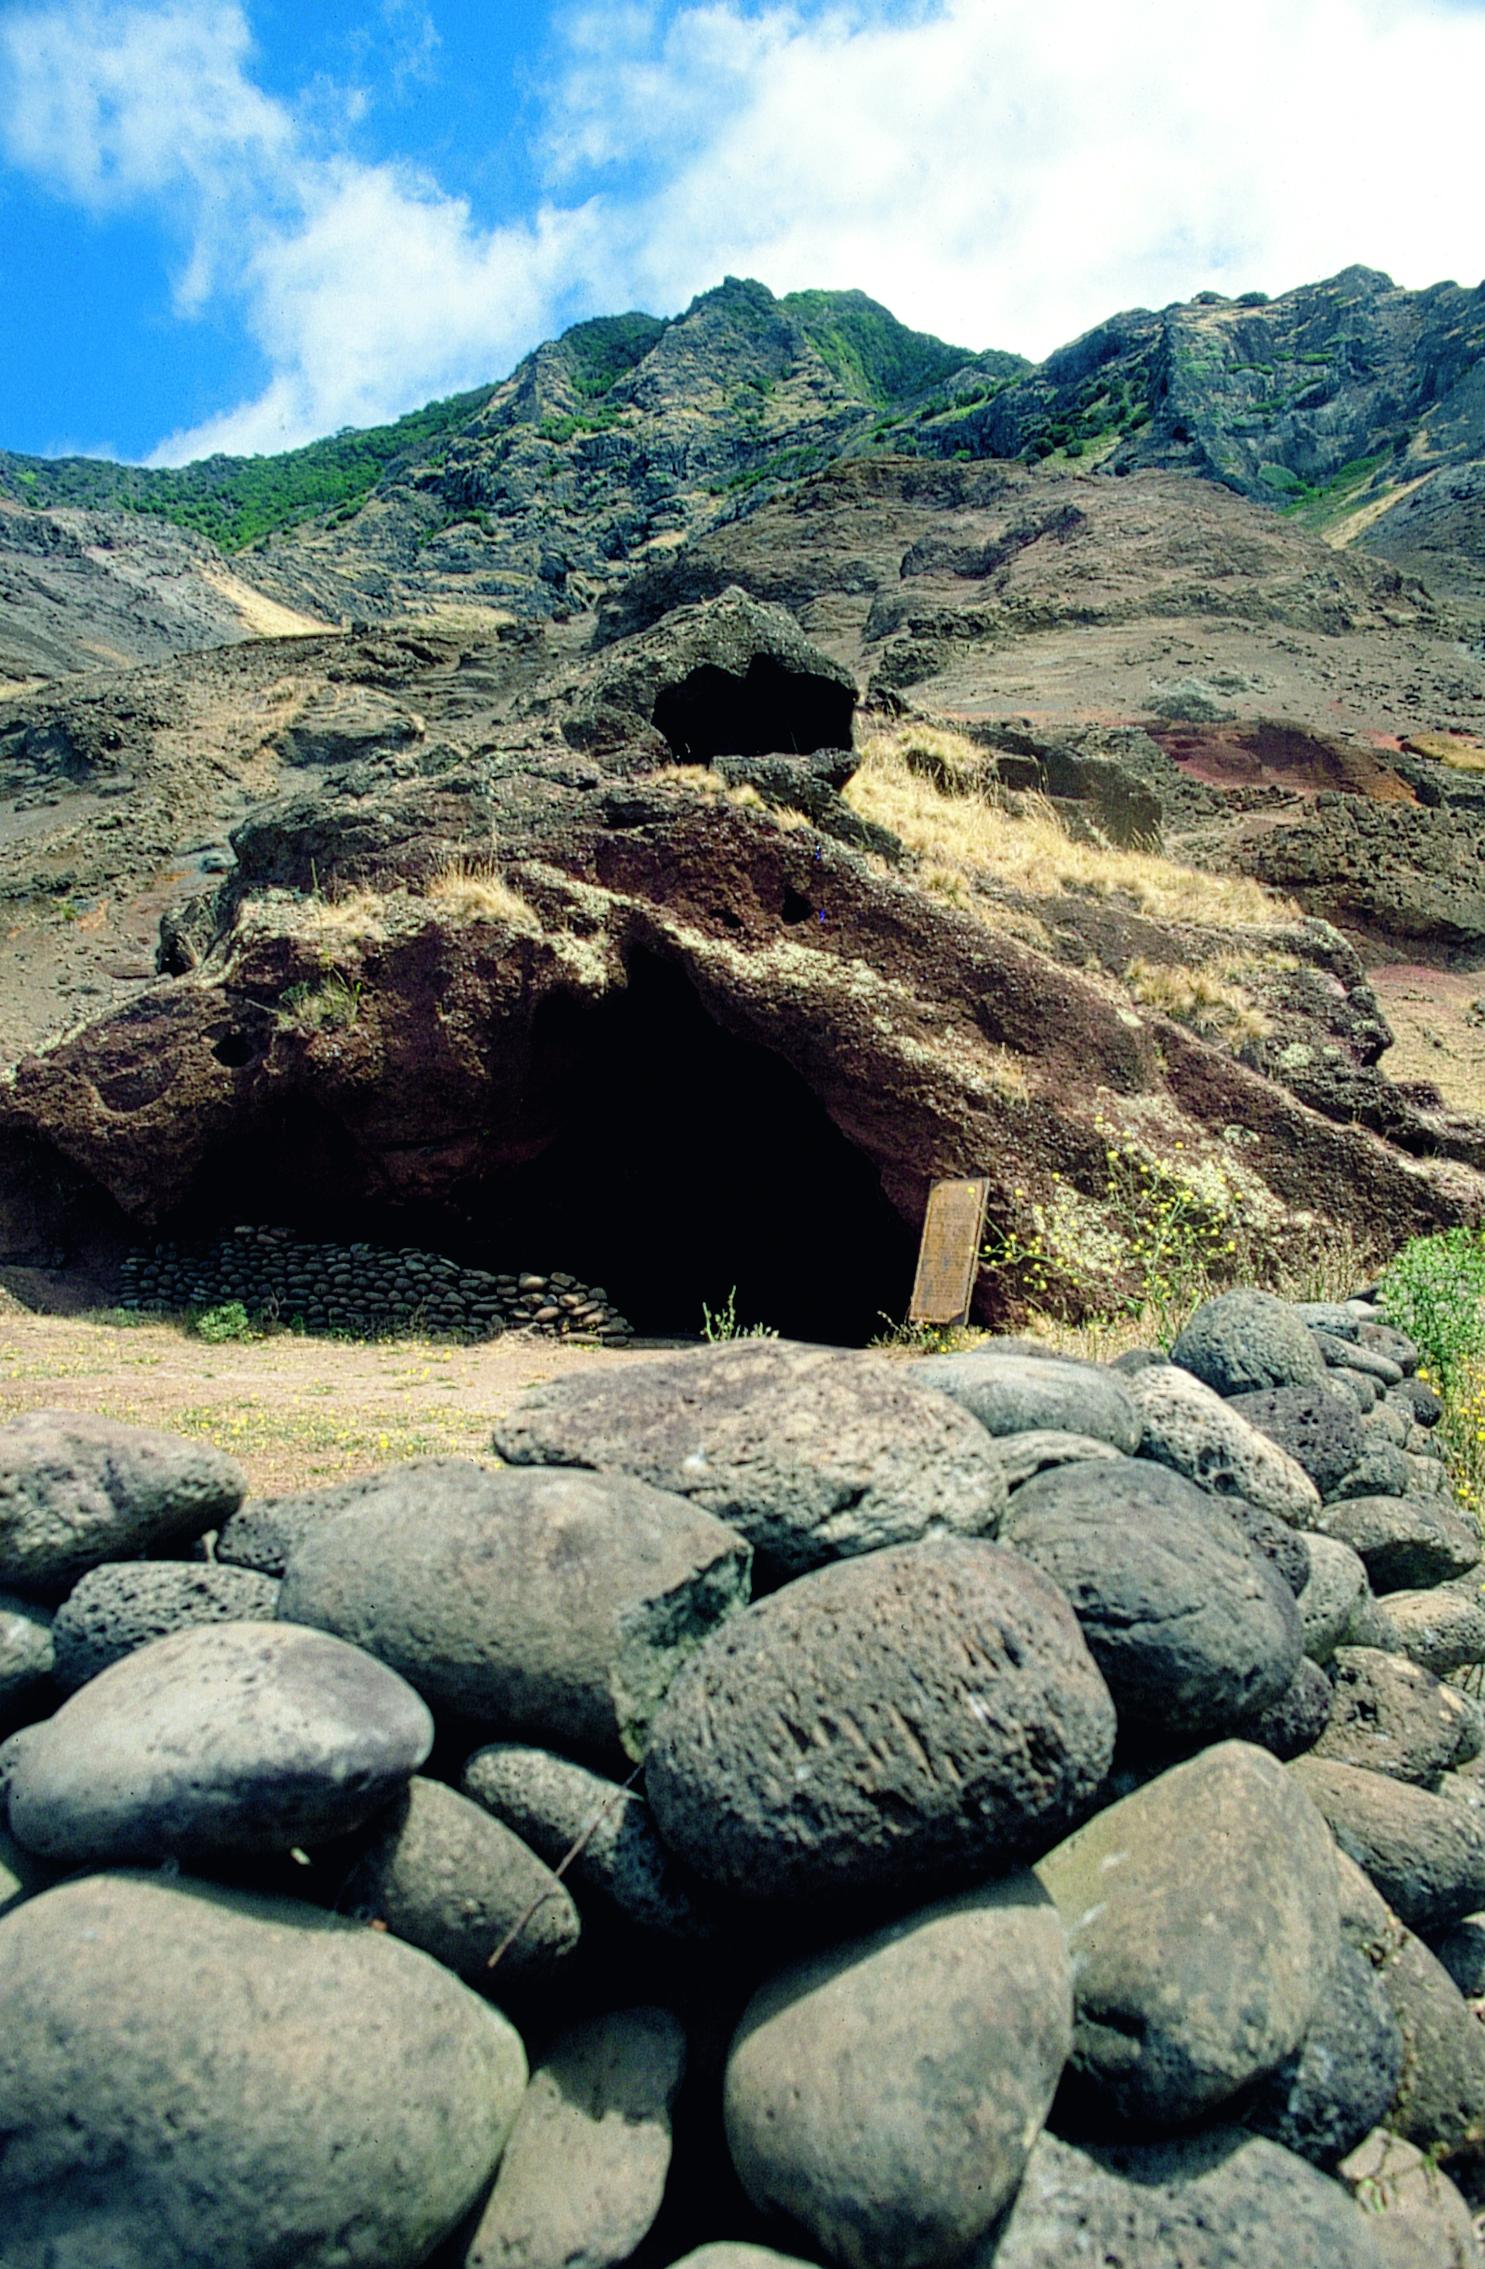 Les légendes locales assurent que c'est dans cette grotte que vécut, pendant plus de quatre ans, Alexander Selkirk.